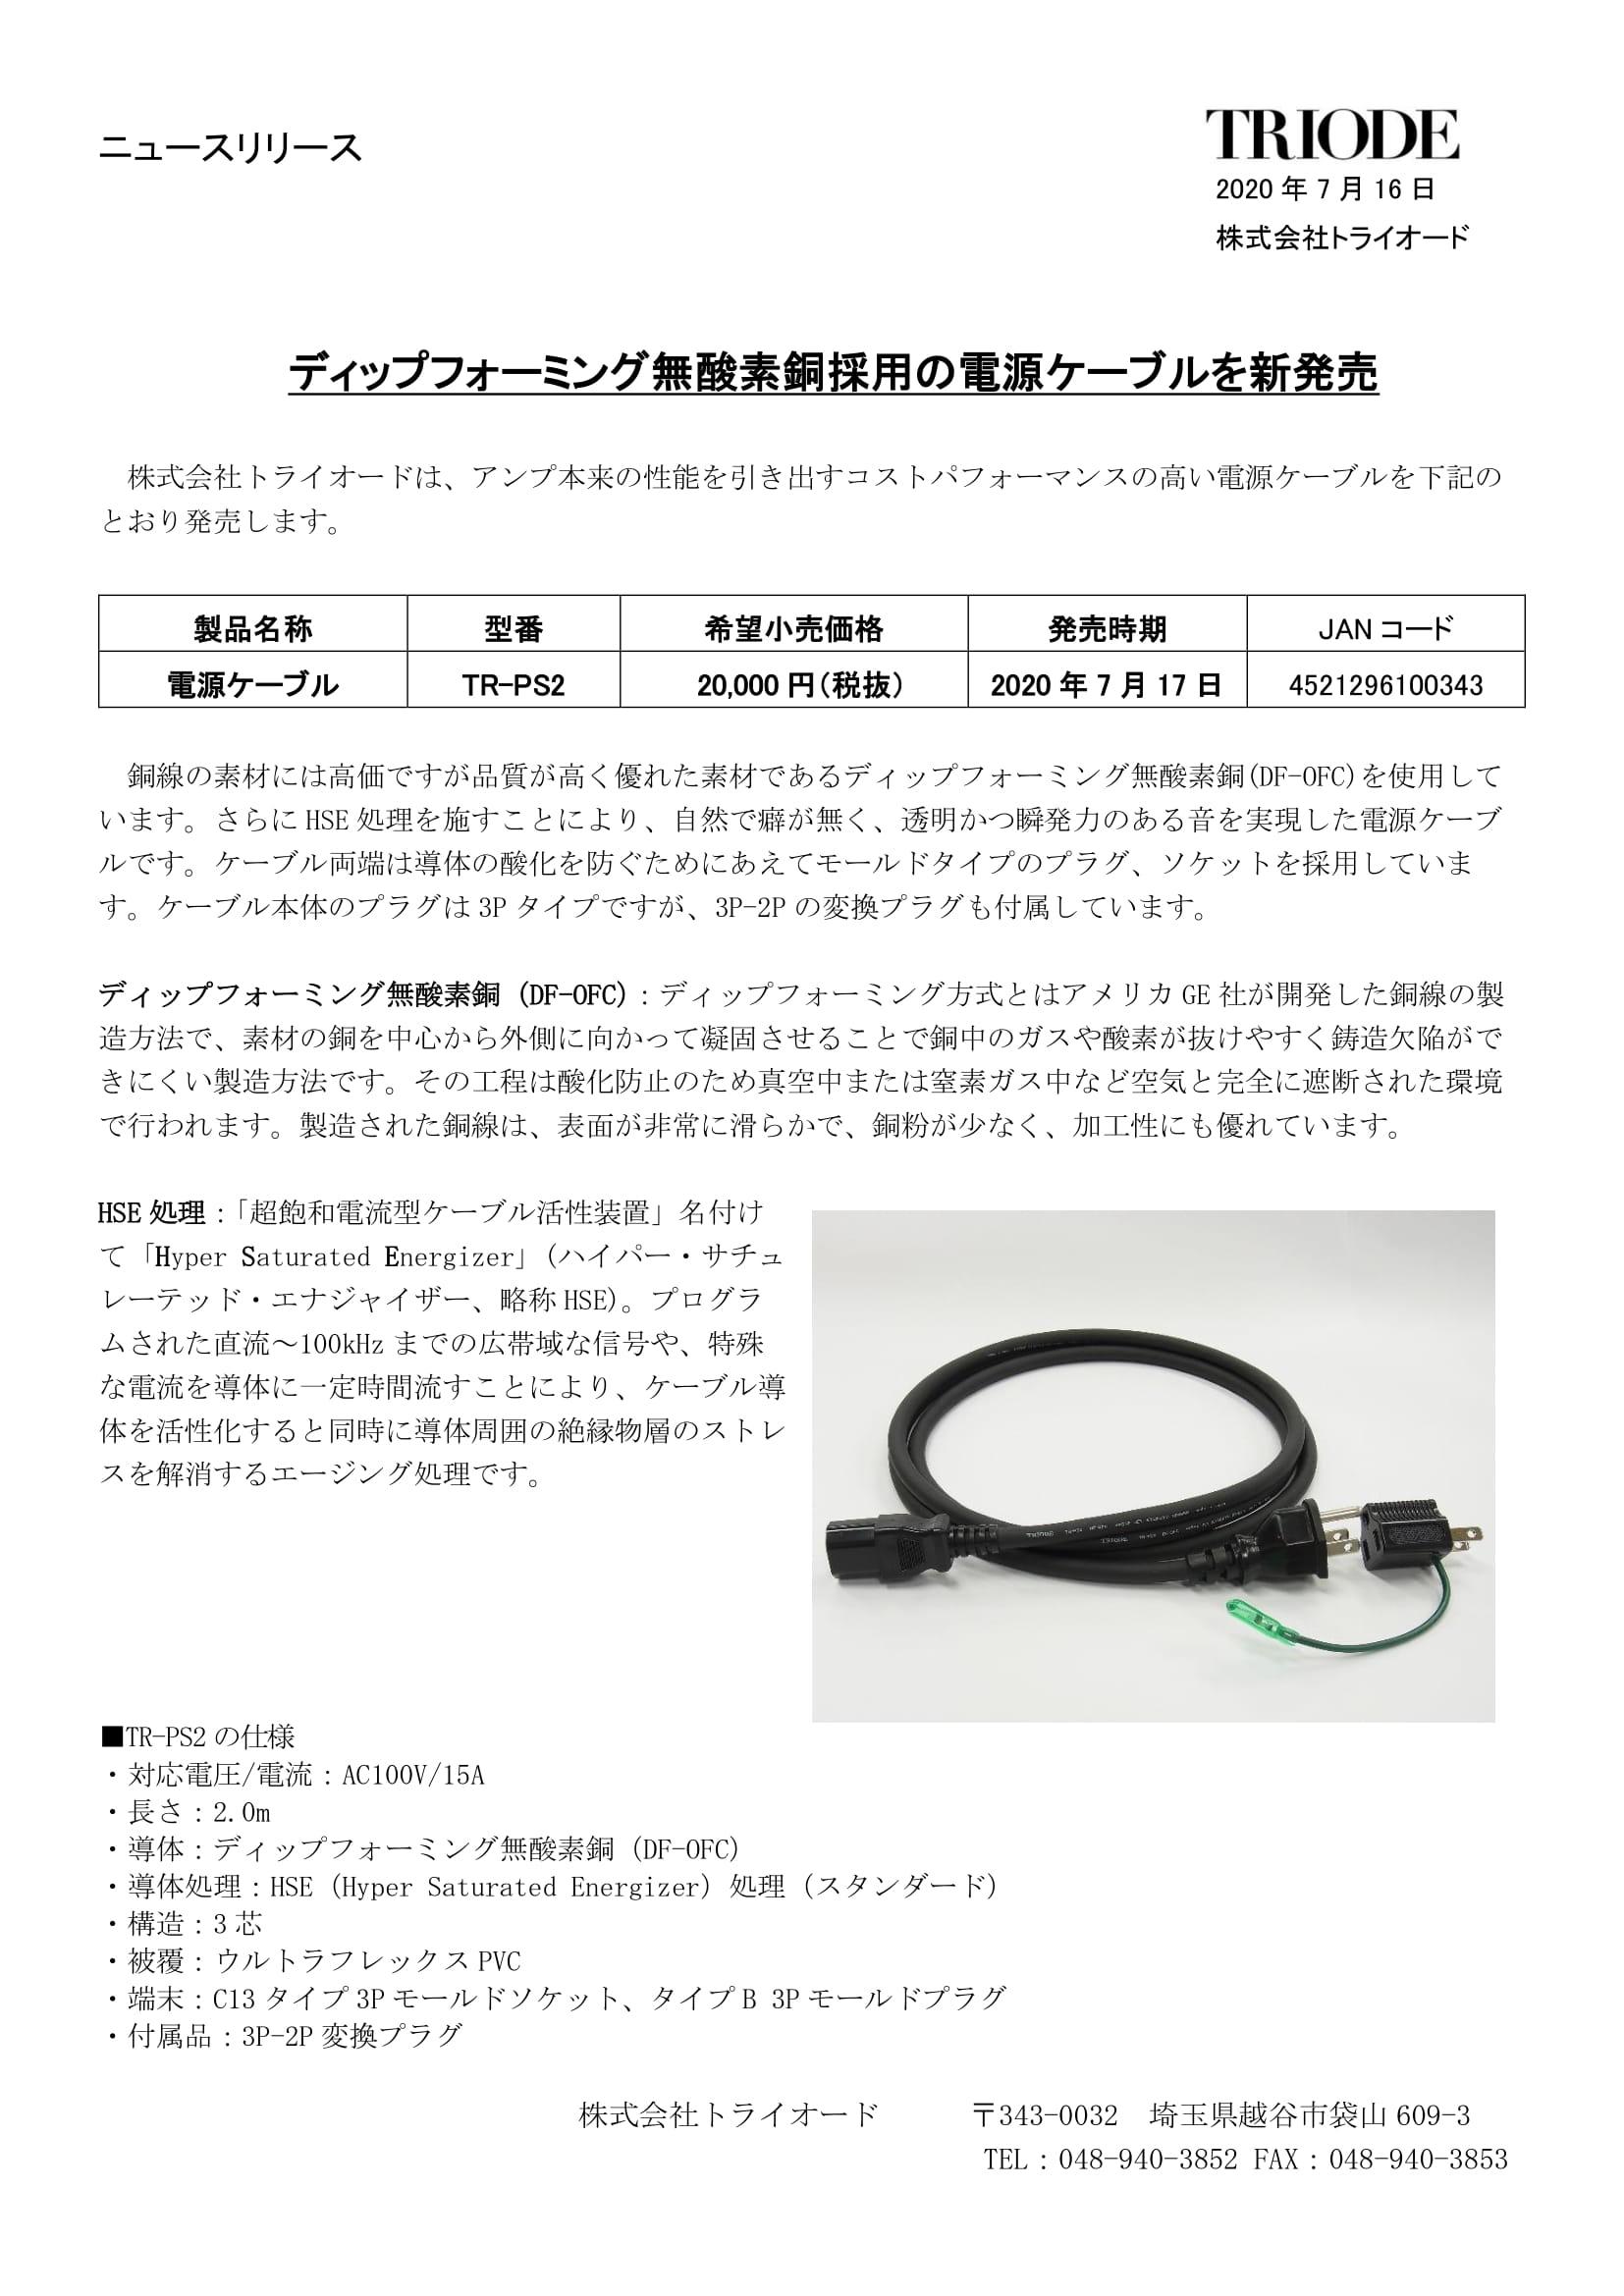 TR-PS2 ニュースリリース 200716-1